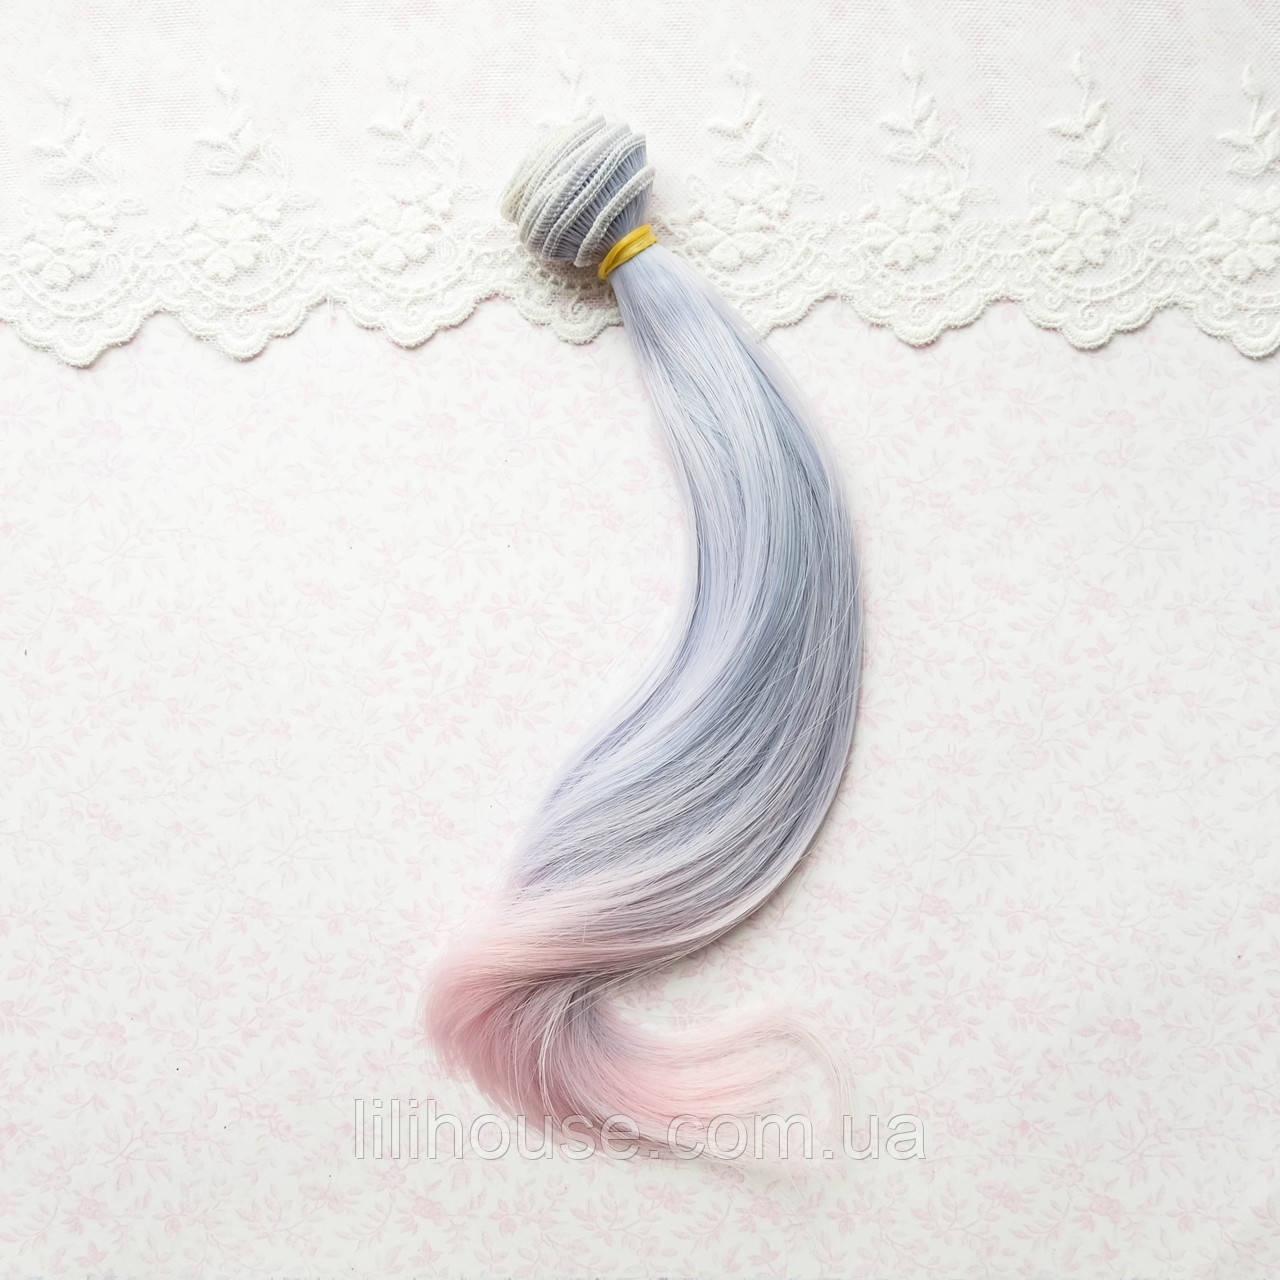 Волосы для Кукол Легкая Волна Омбре ГОЛУБЫЕ с РОЗОВЫМ 20 см